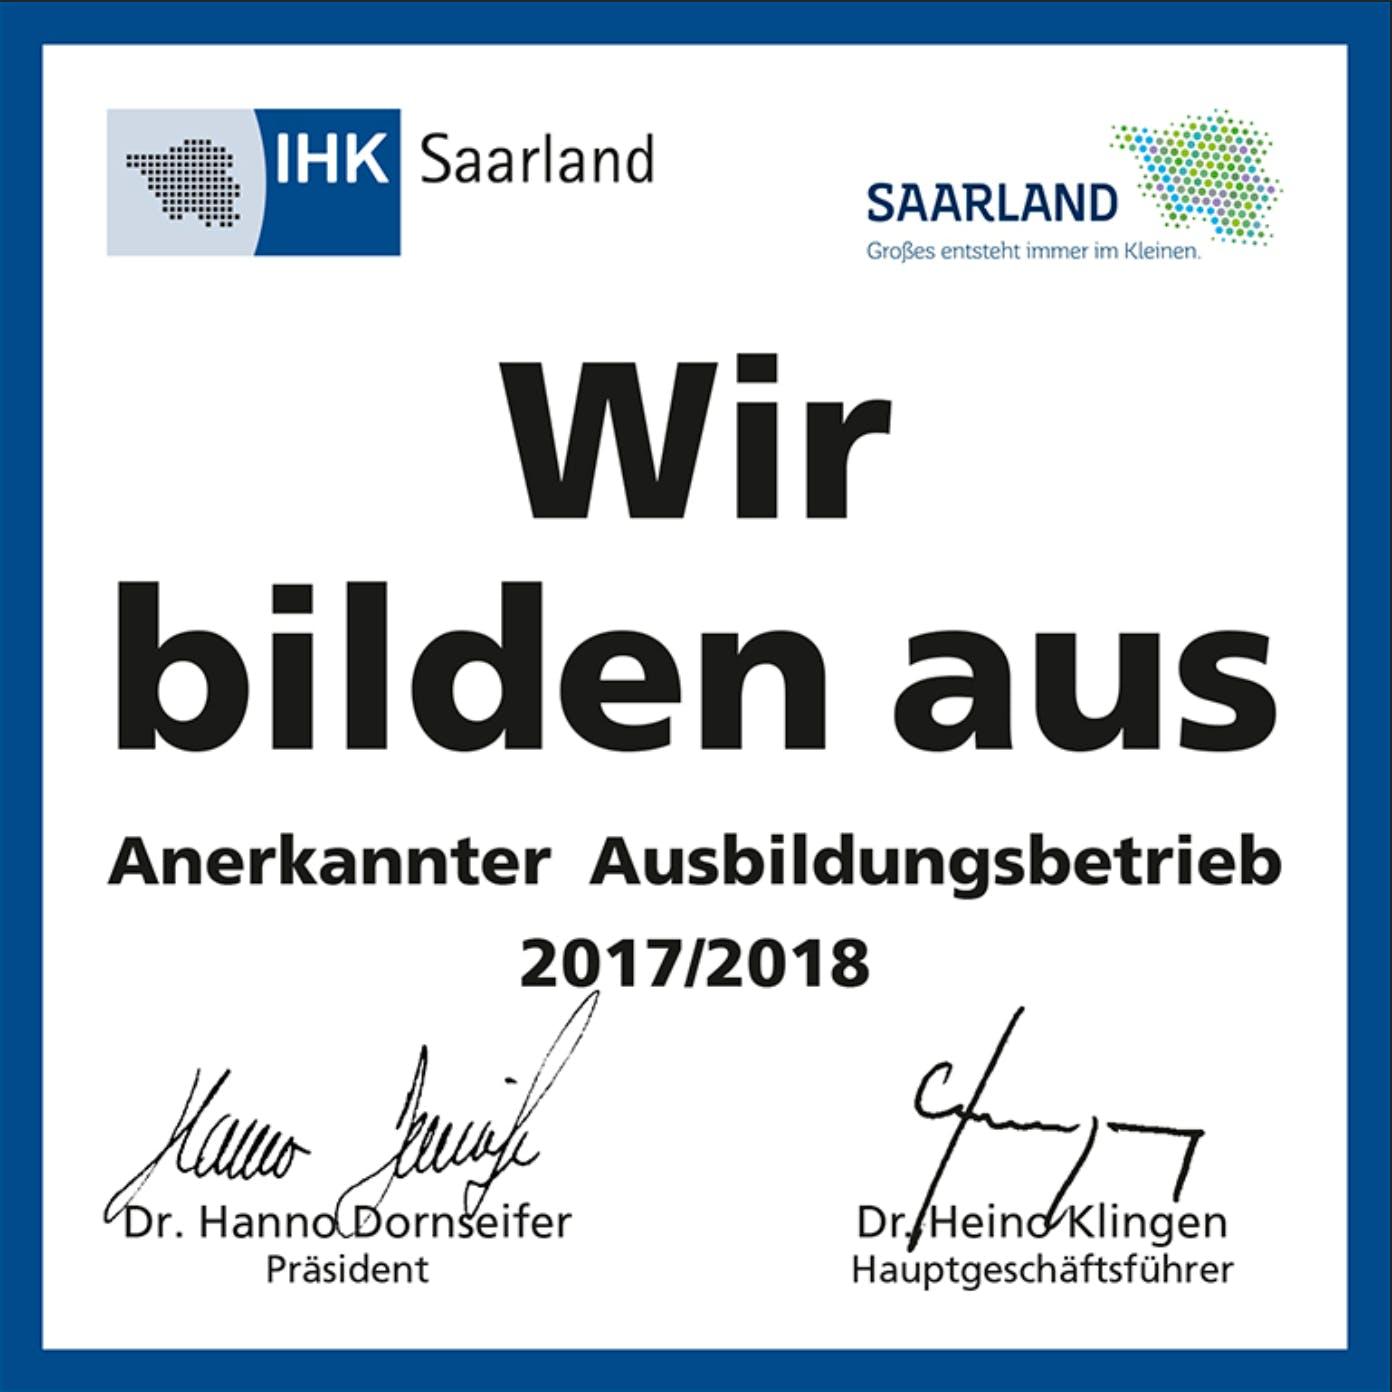 Badge IHK Saarland - Wir bilden aus